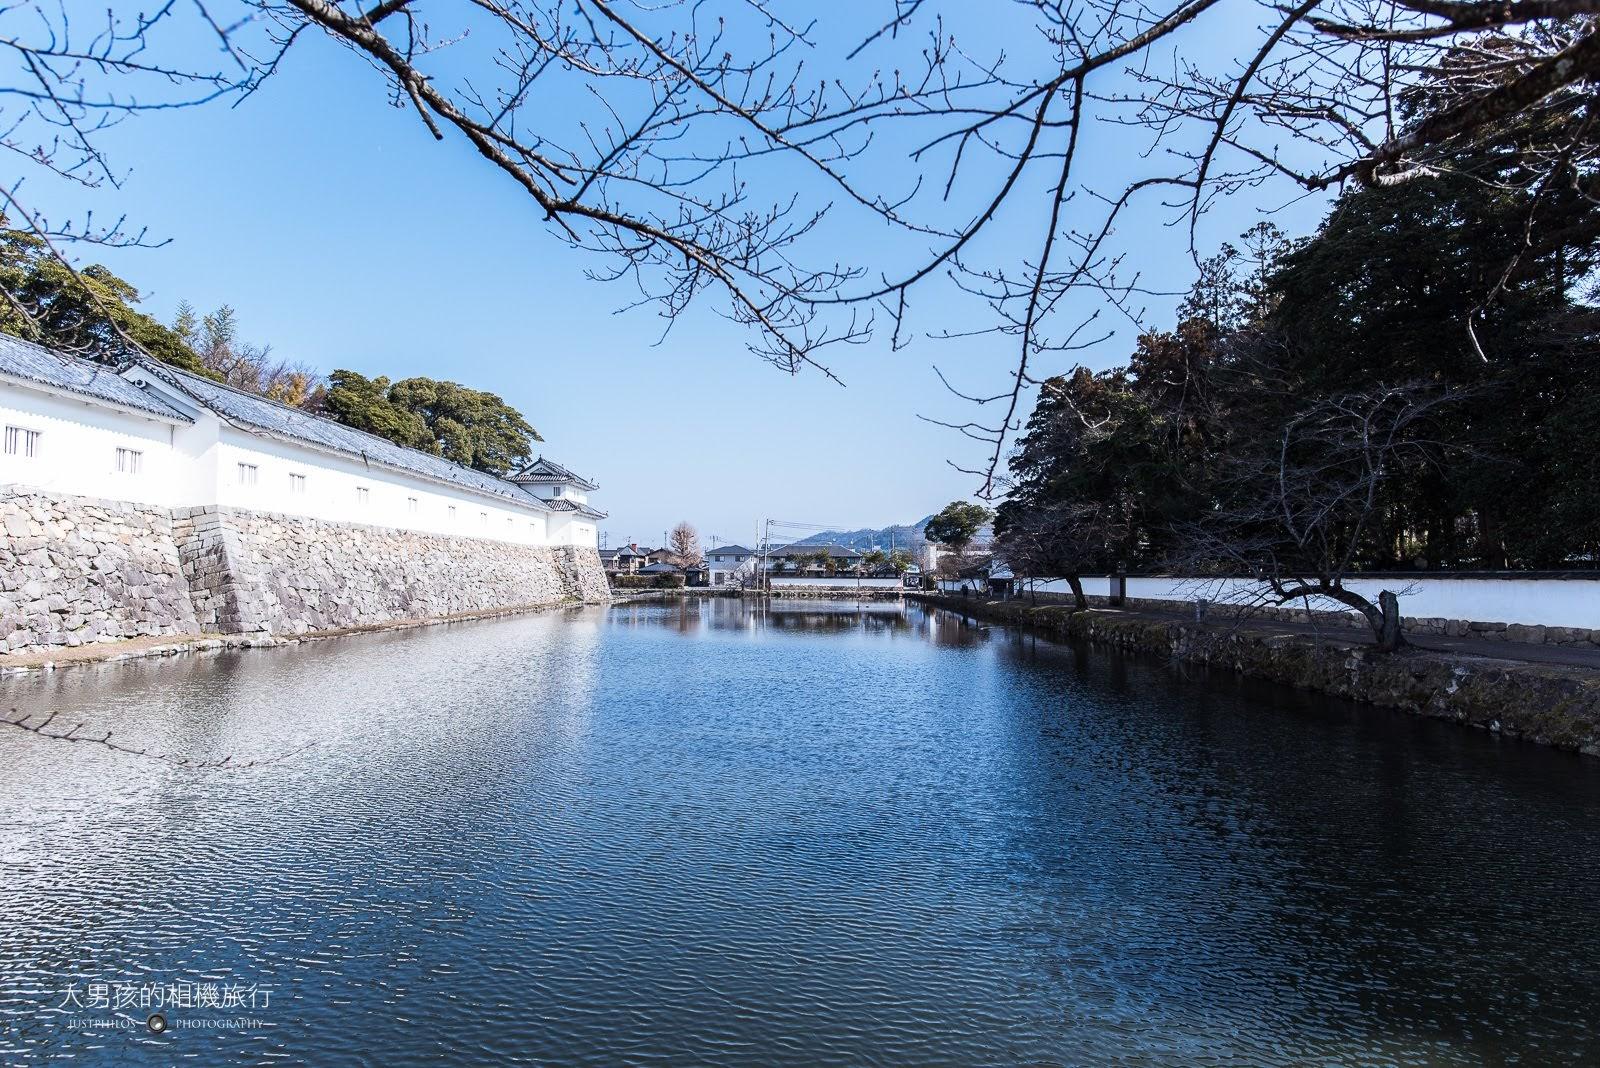 另一個角度的護城河,雖然沒有櫻花還是相當美麗。